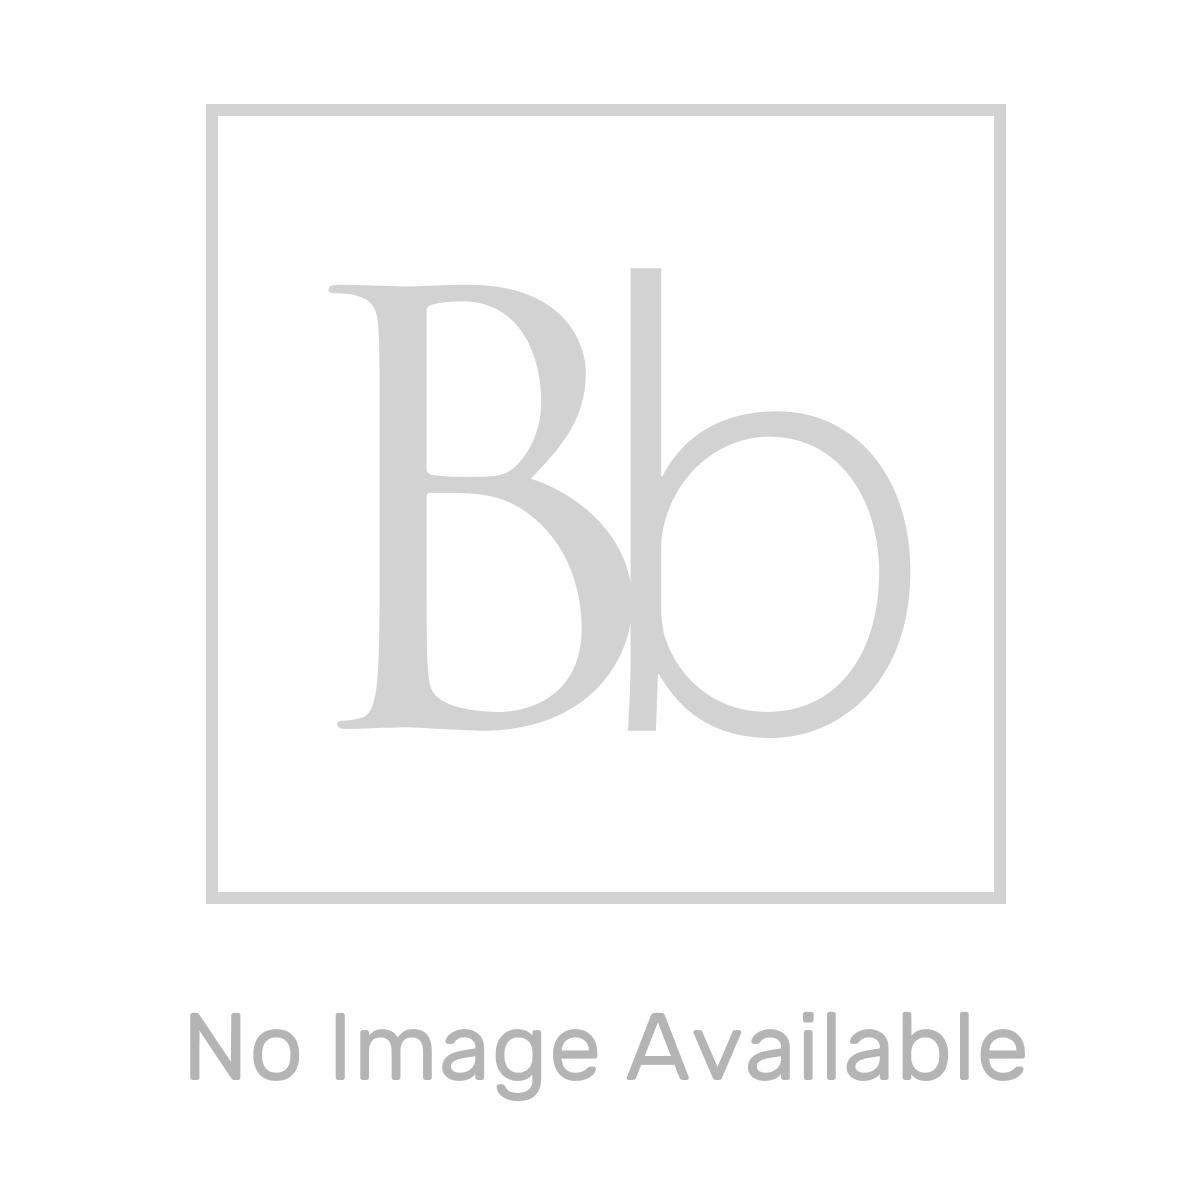 Nuie Athena Stone Grey 4 Door Floor Standing Vanity Unit with Double Basin 1200mm Line Drawing